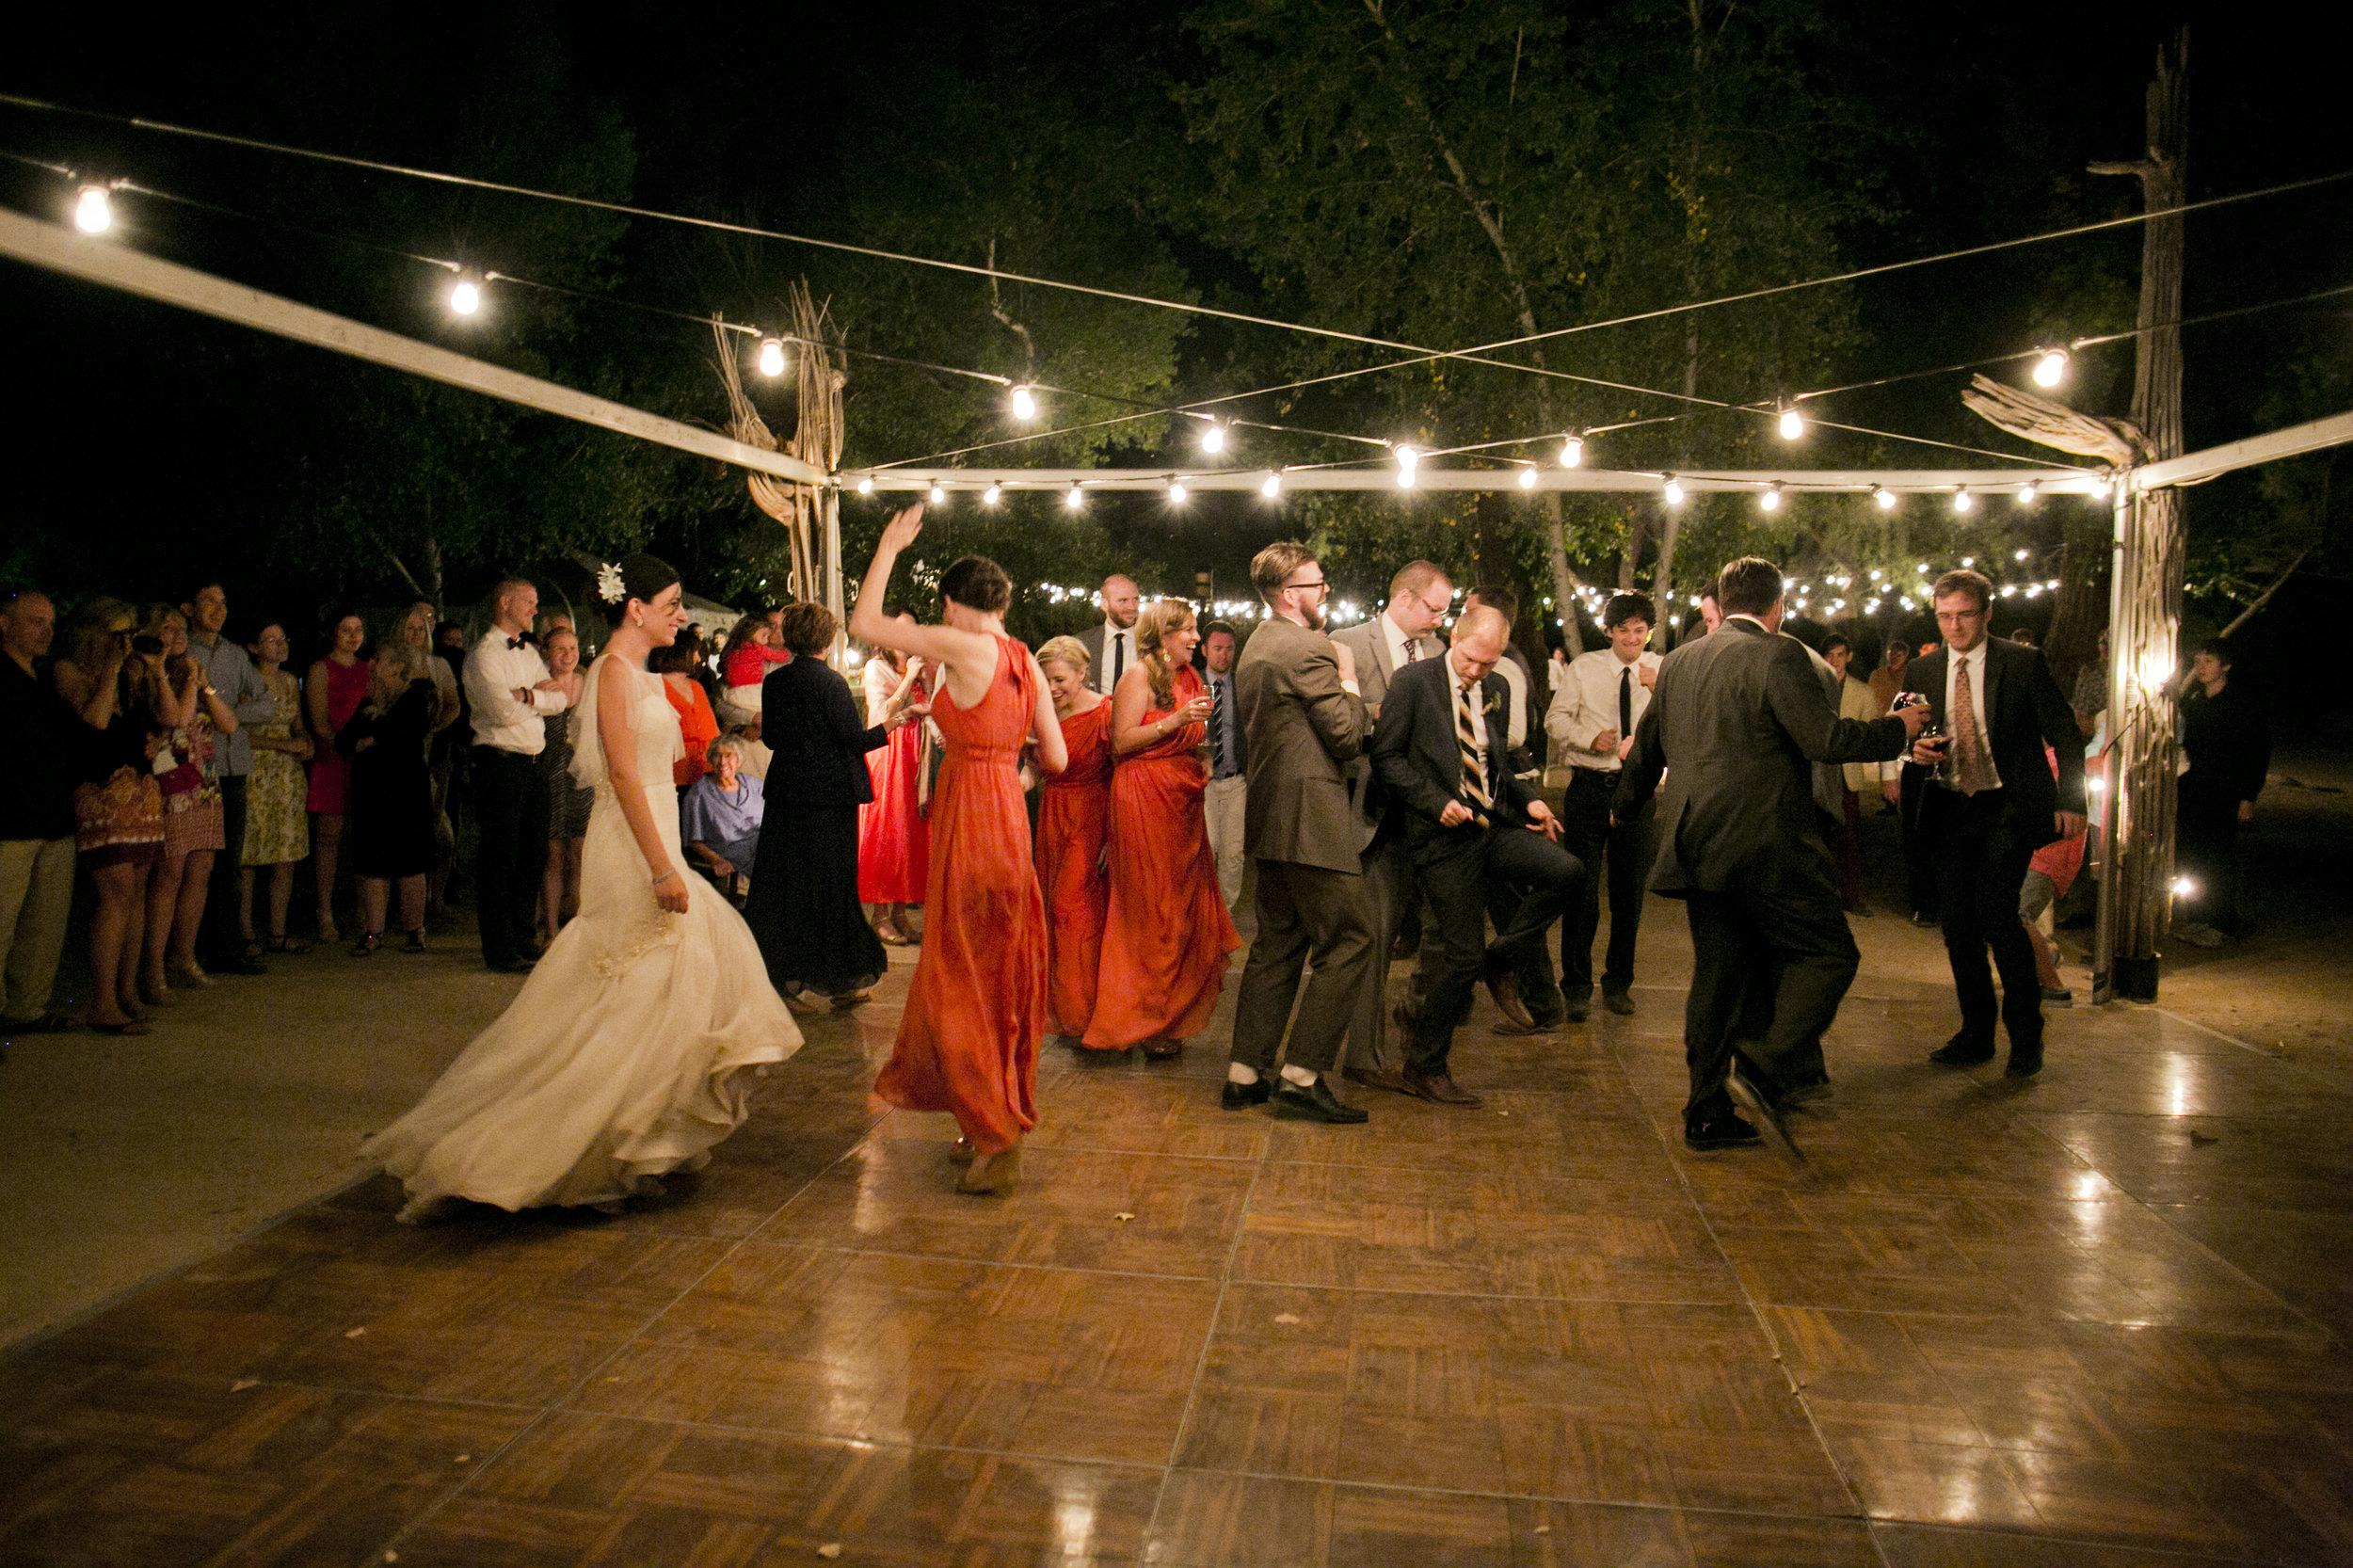 Ceci_New_York_Ceci_Style_Ceci_Johnson_Luxury_Lifestyle_Arizona_Wedding_Watercolor_Inspiration_Design_Custom_Couture_Personalized_Invitations_207.jpg